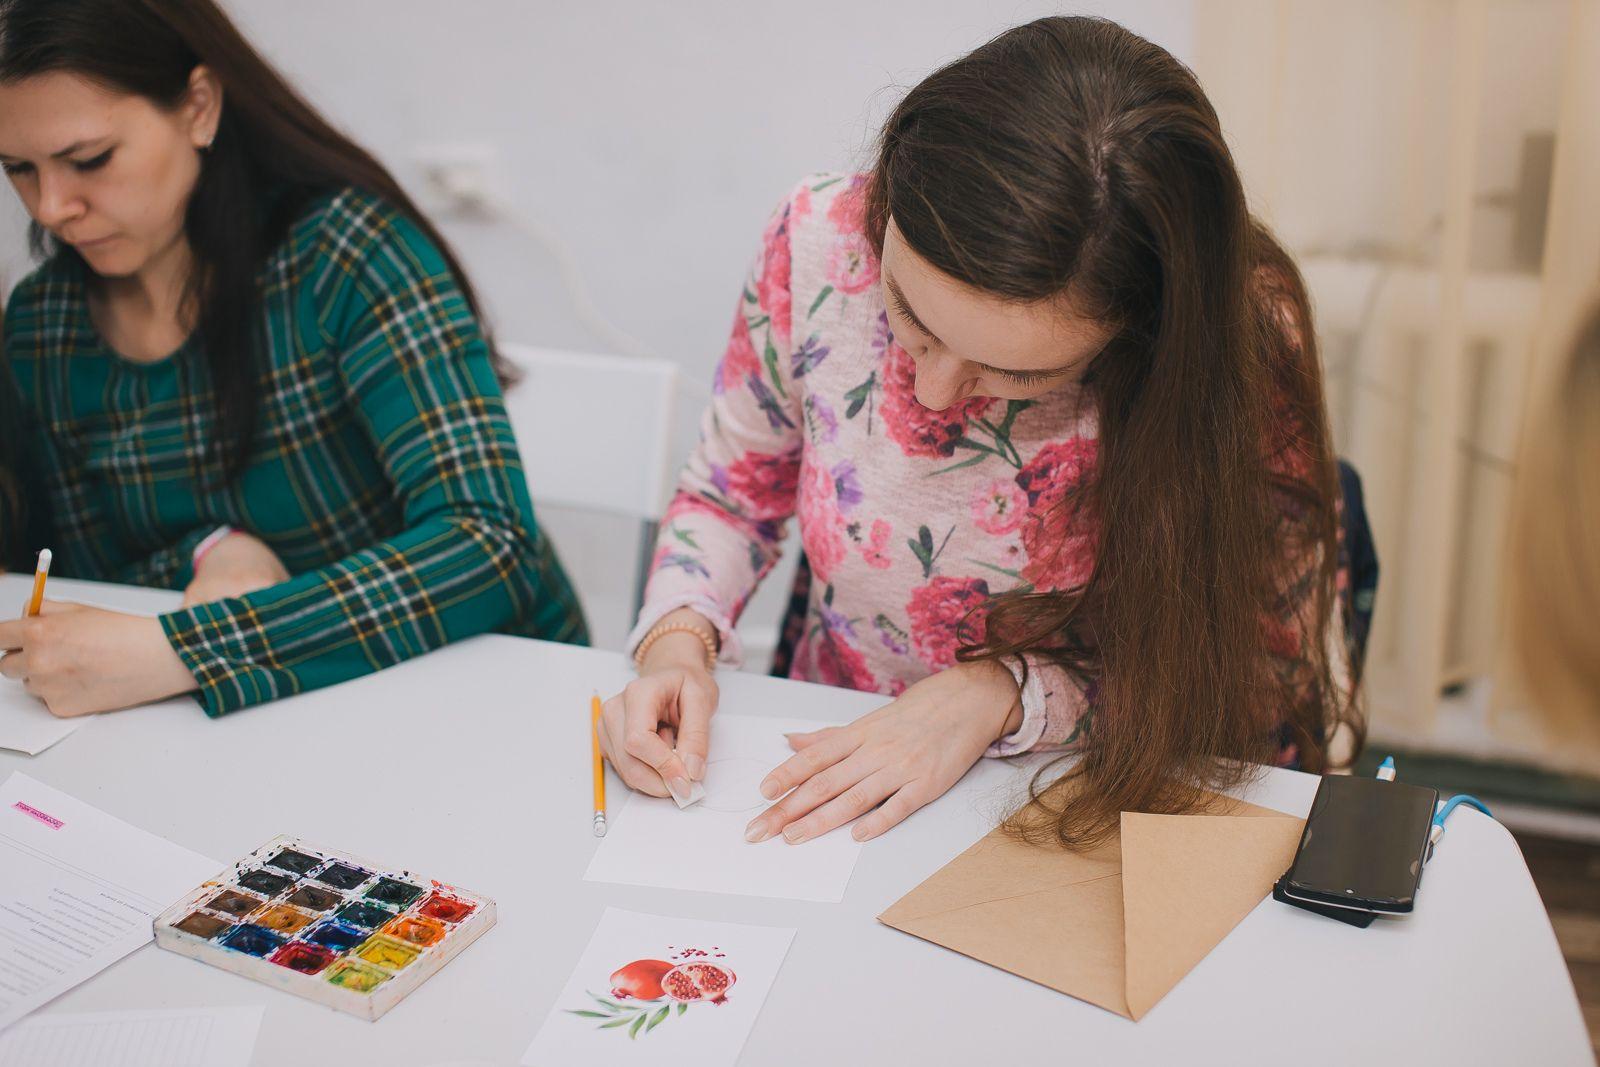 Бесплатный марафон по рисованию акварелью для новичков от студии живописи ZuART фото 2